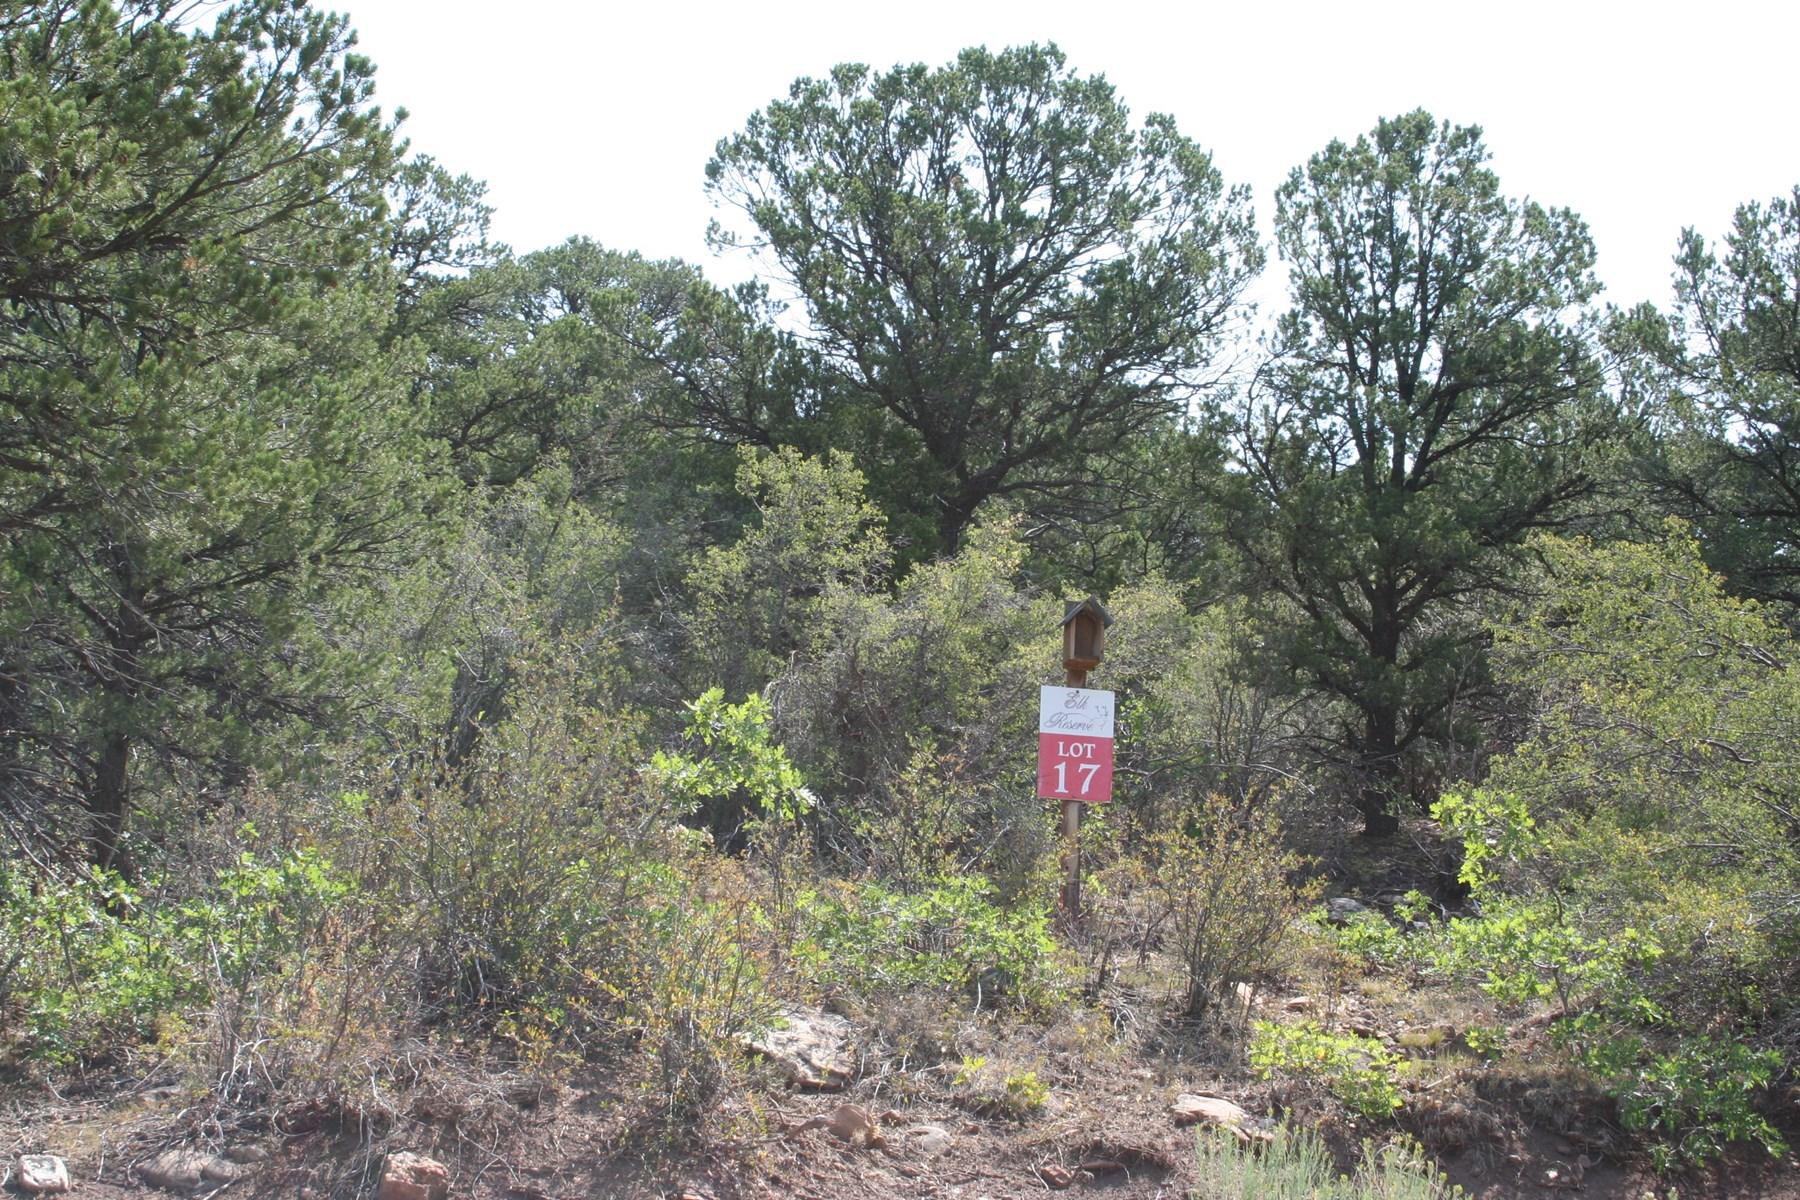 Glade Park Land for Sale